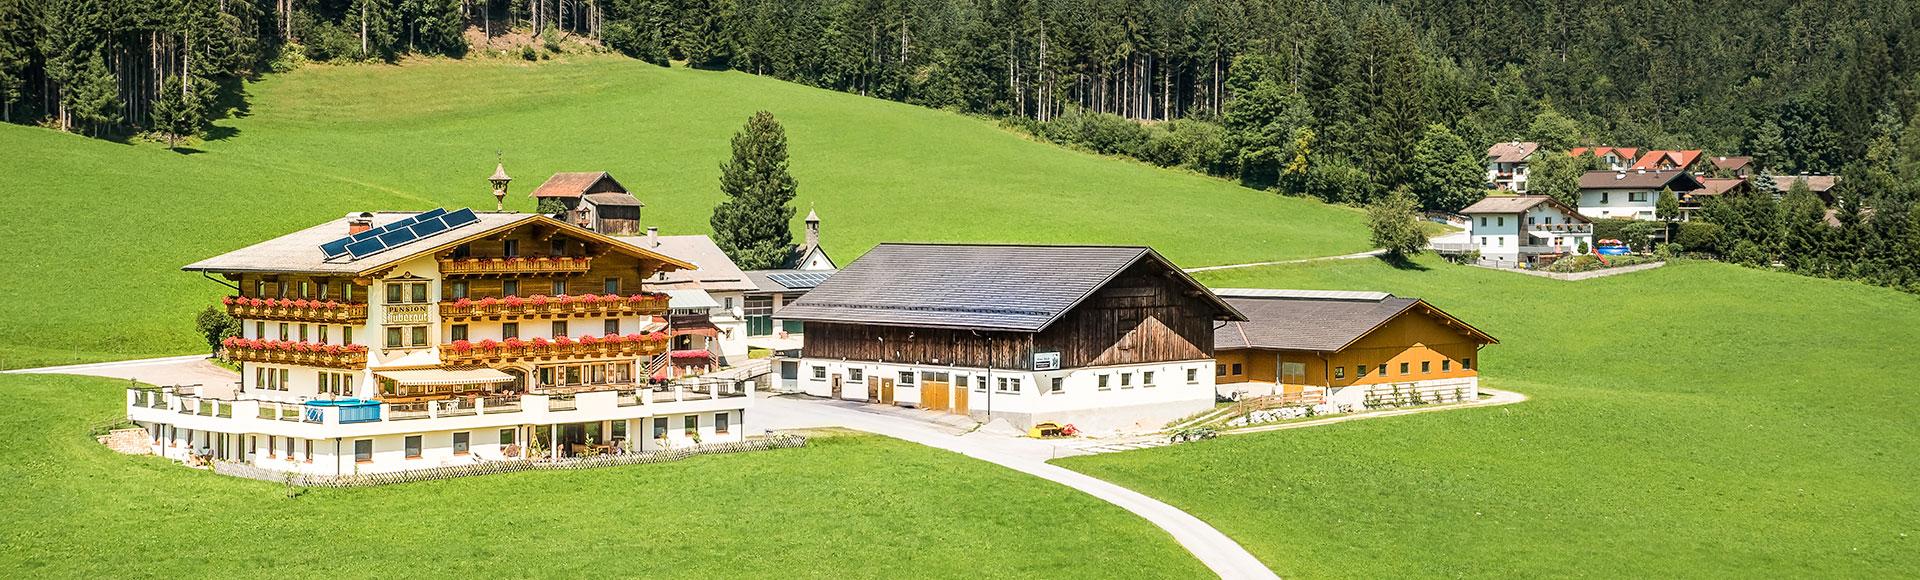 Urlaub auf dem Bauernhof in Radstadt, Hubergut